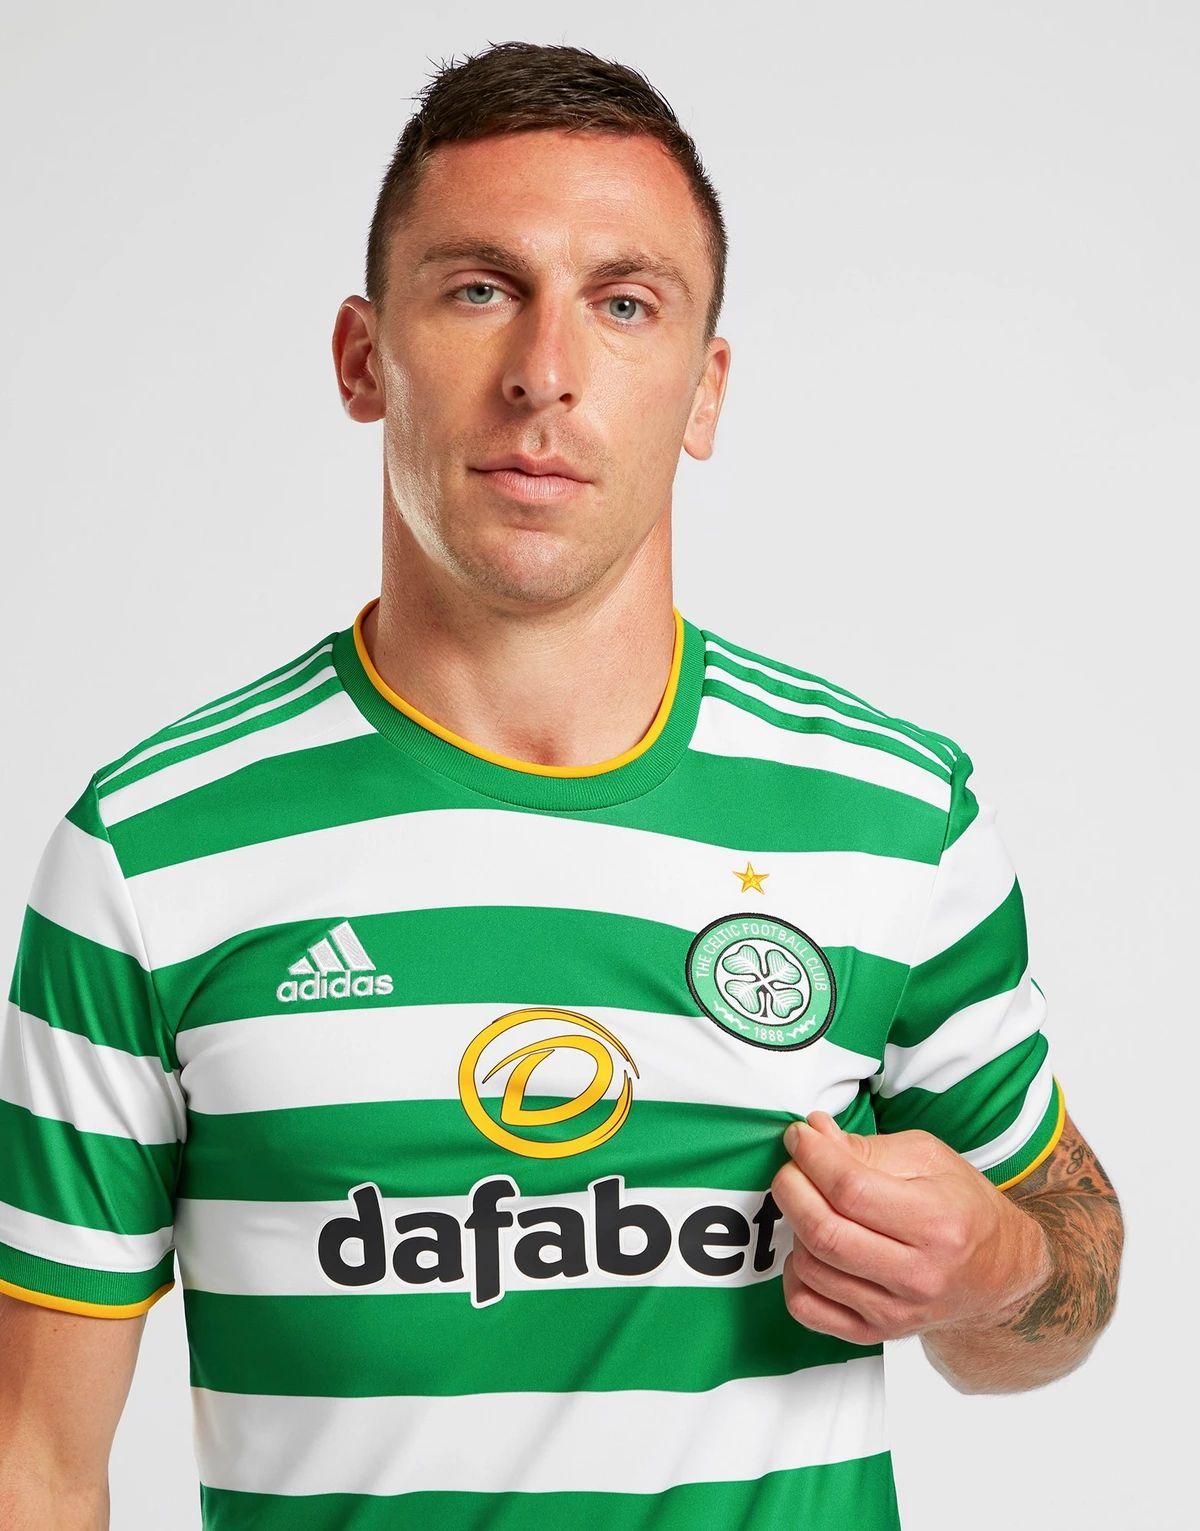 Maillot adidas Celtic Glasgow FC 2020/2021 domicile pour Homme - Tailles au choix